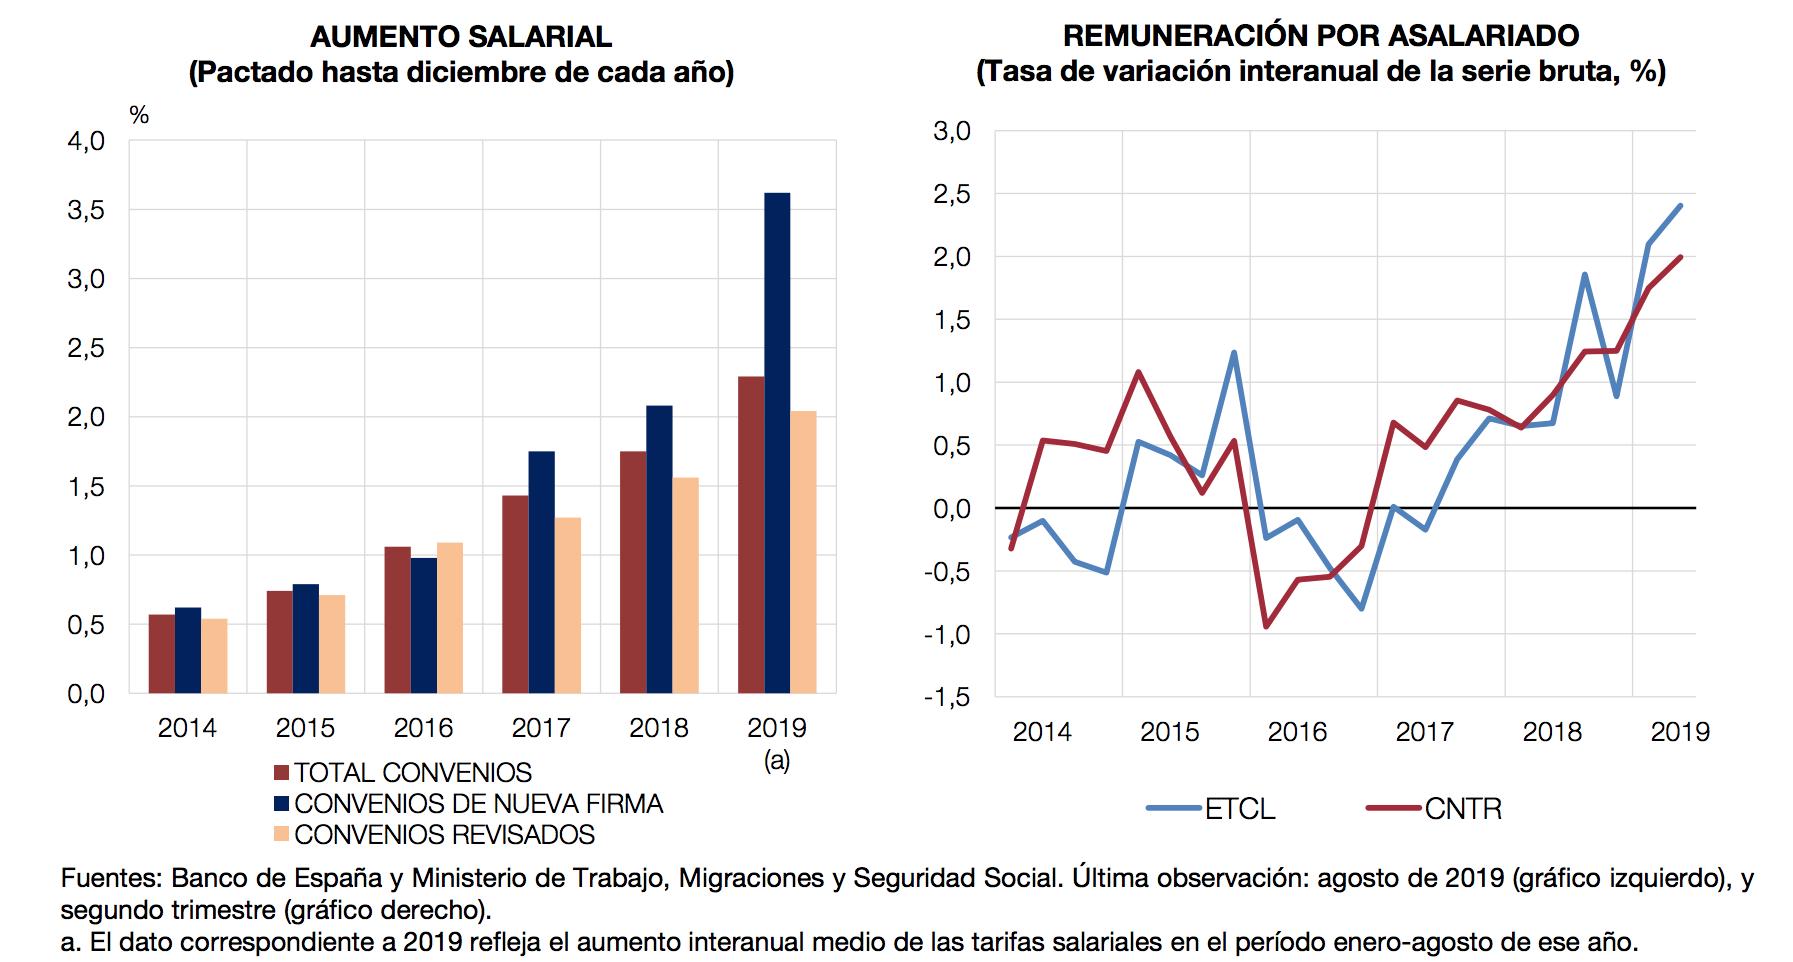 banco-de-espana-3-costes-laborales.png